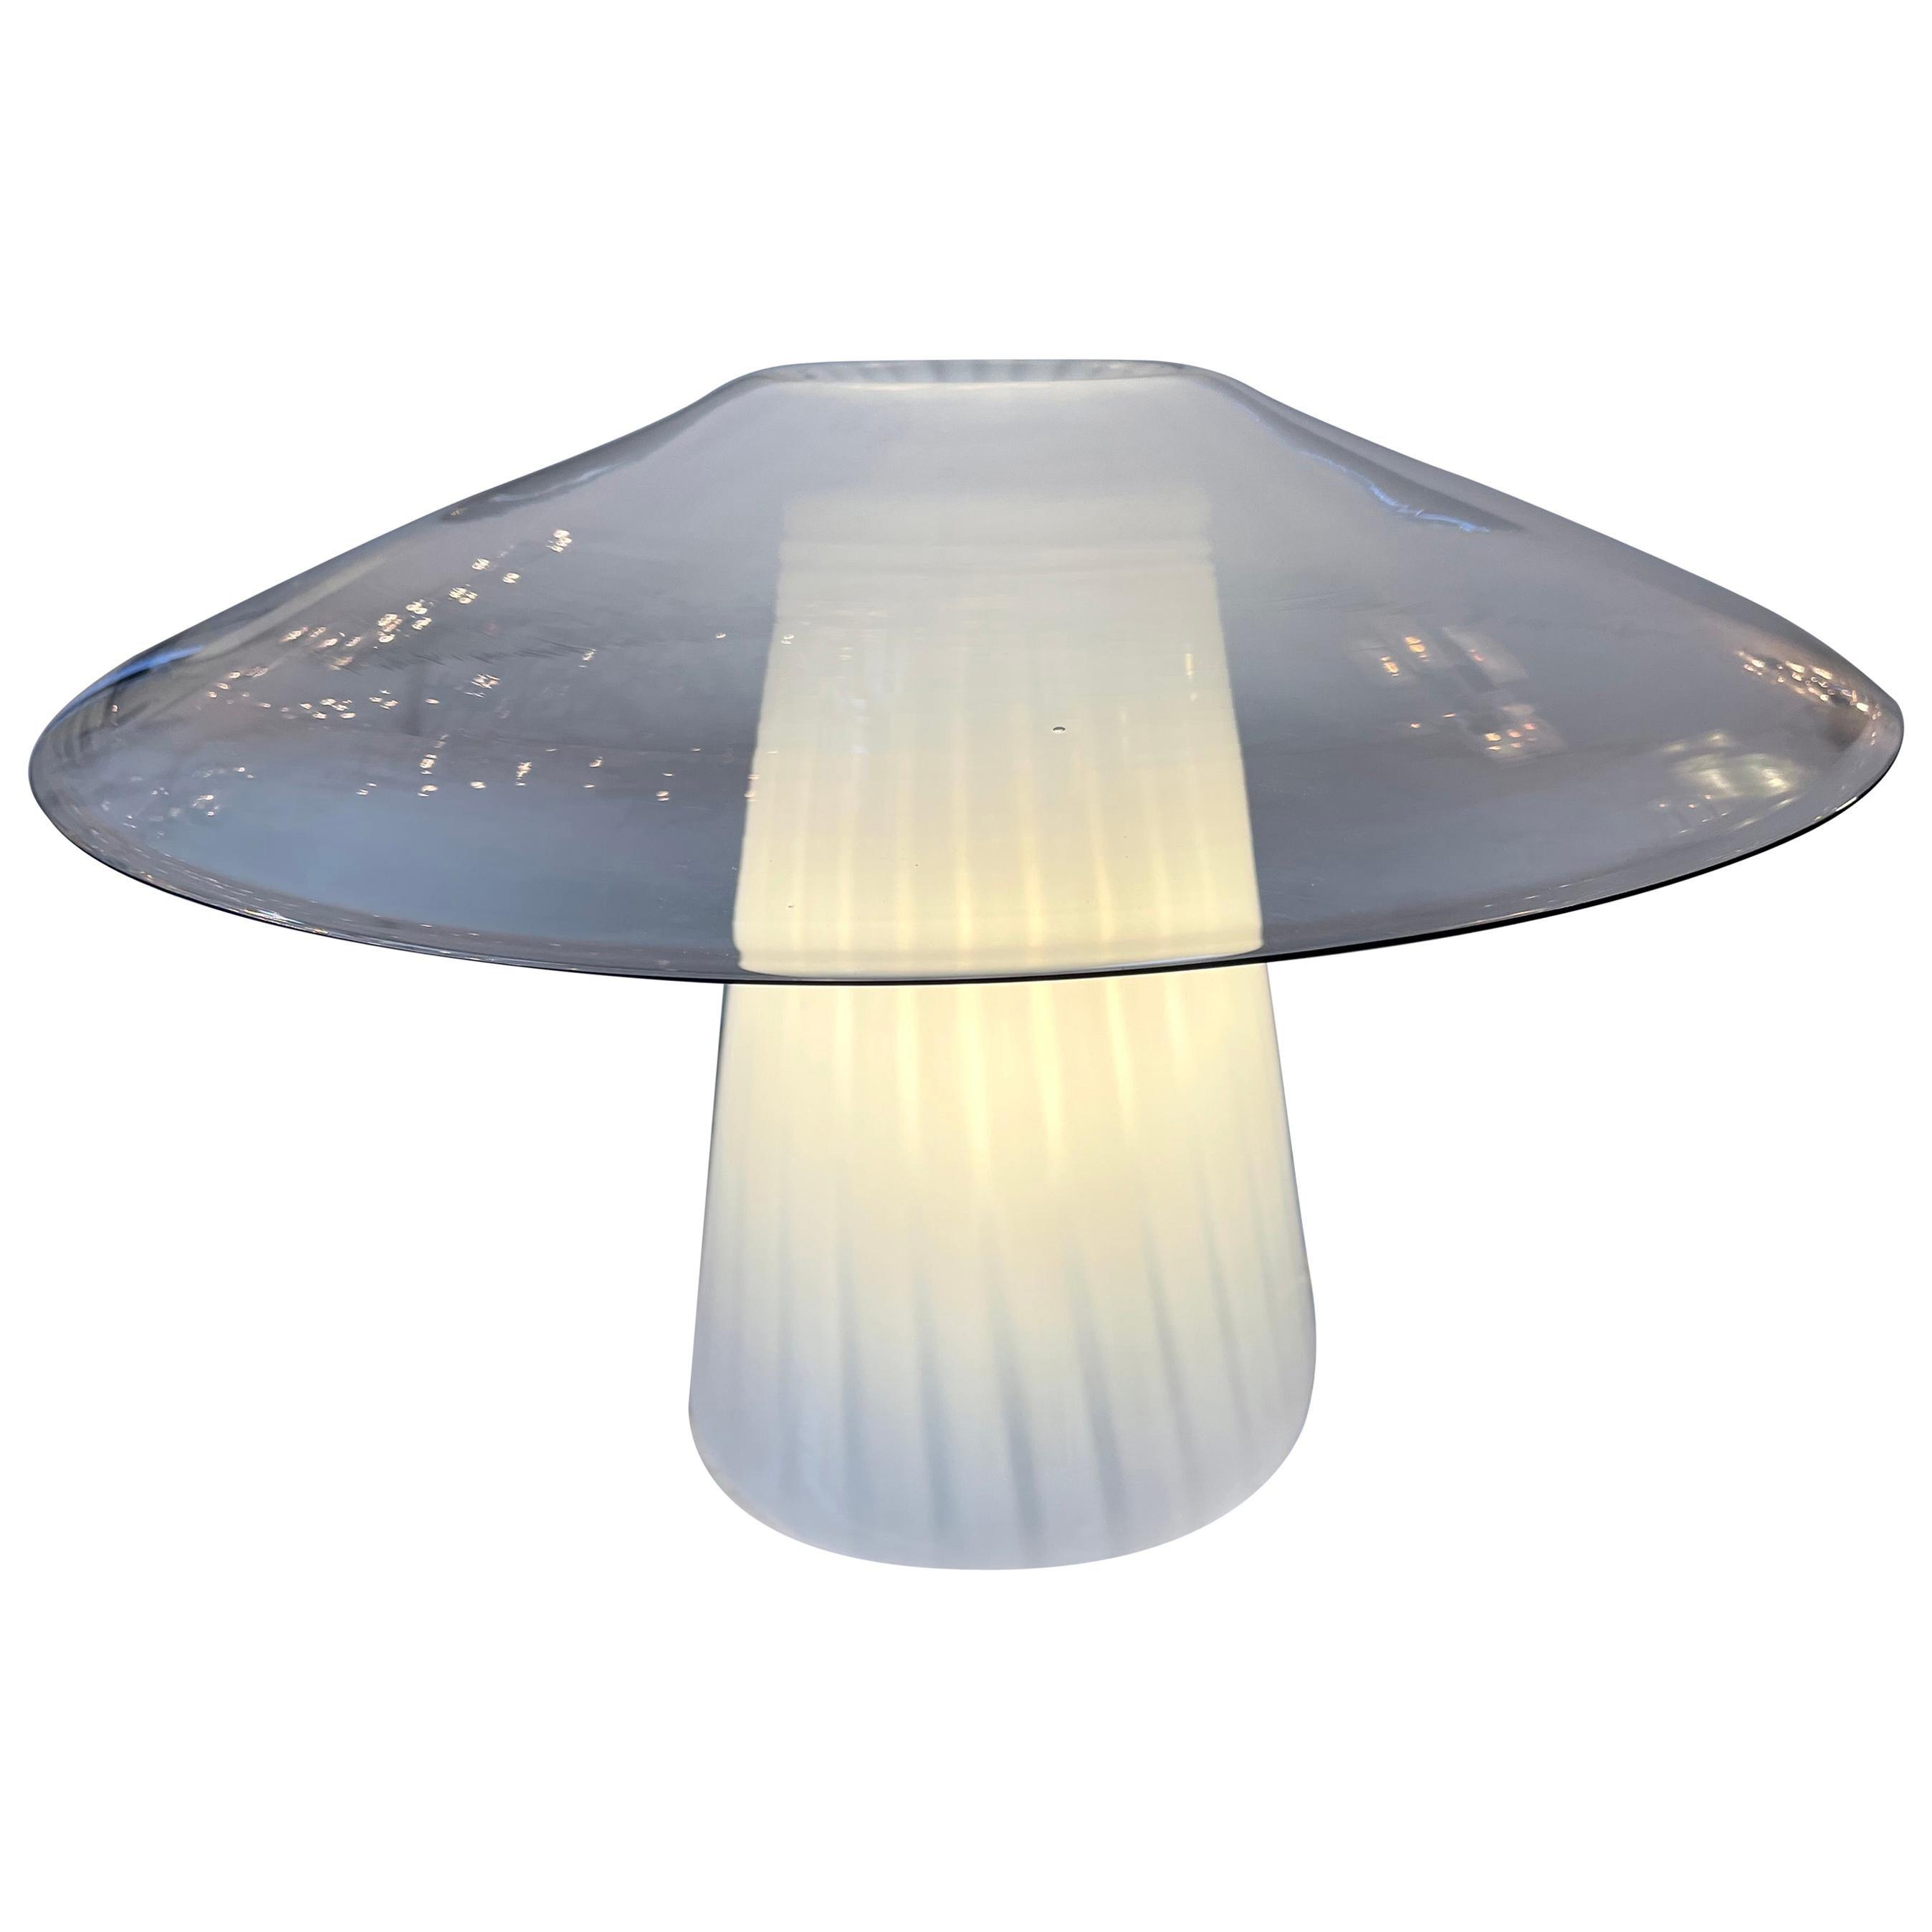 Mushroom Murano Glass Lamp, Italy, 1970s